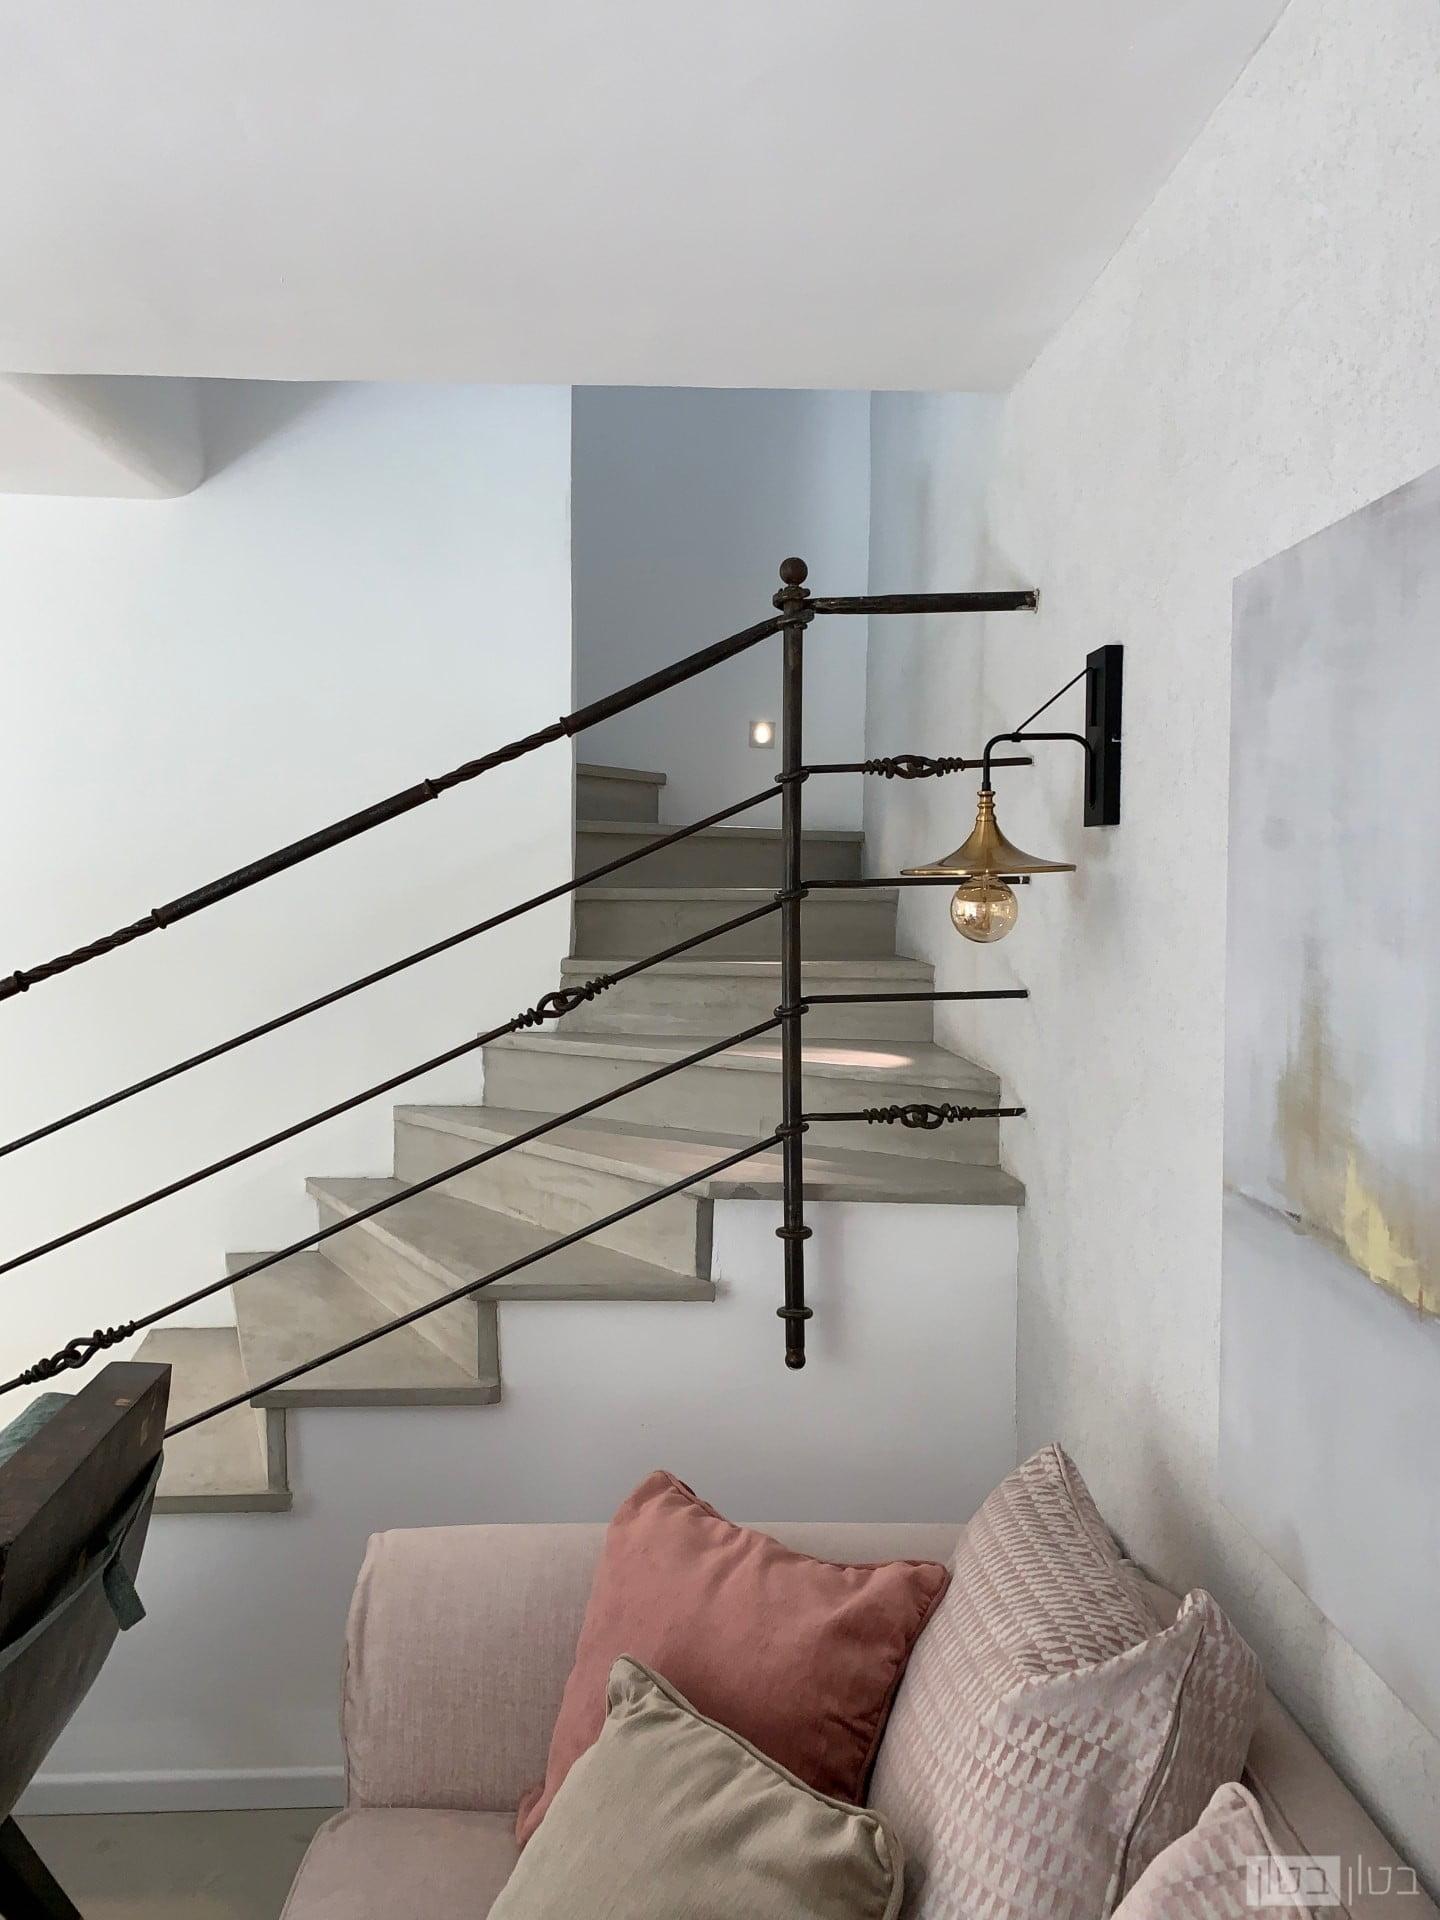 מדרגות בטון בסלון